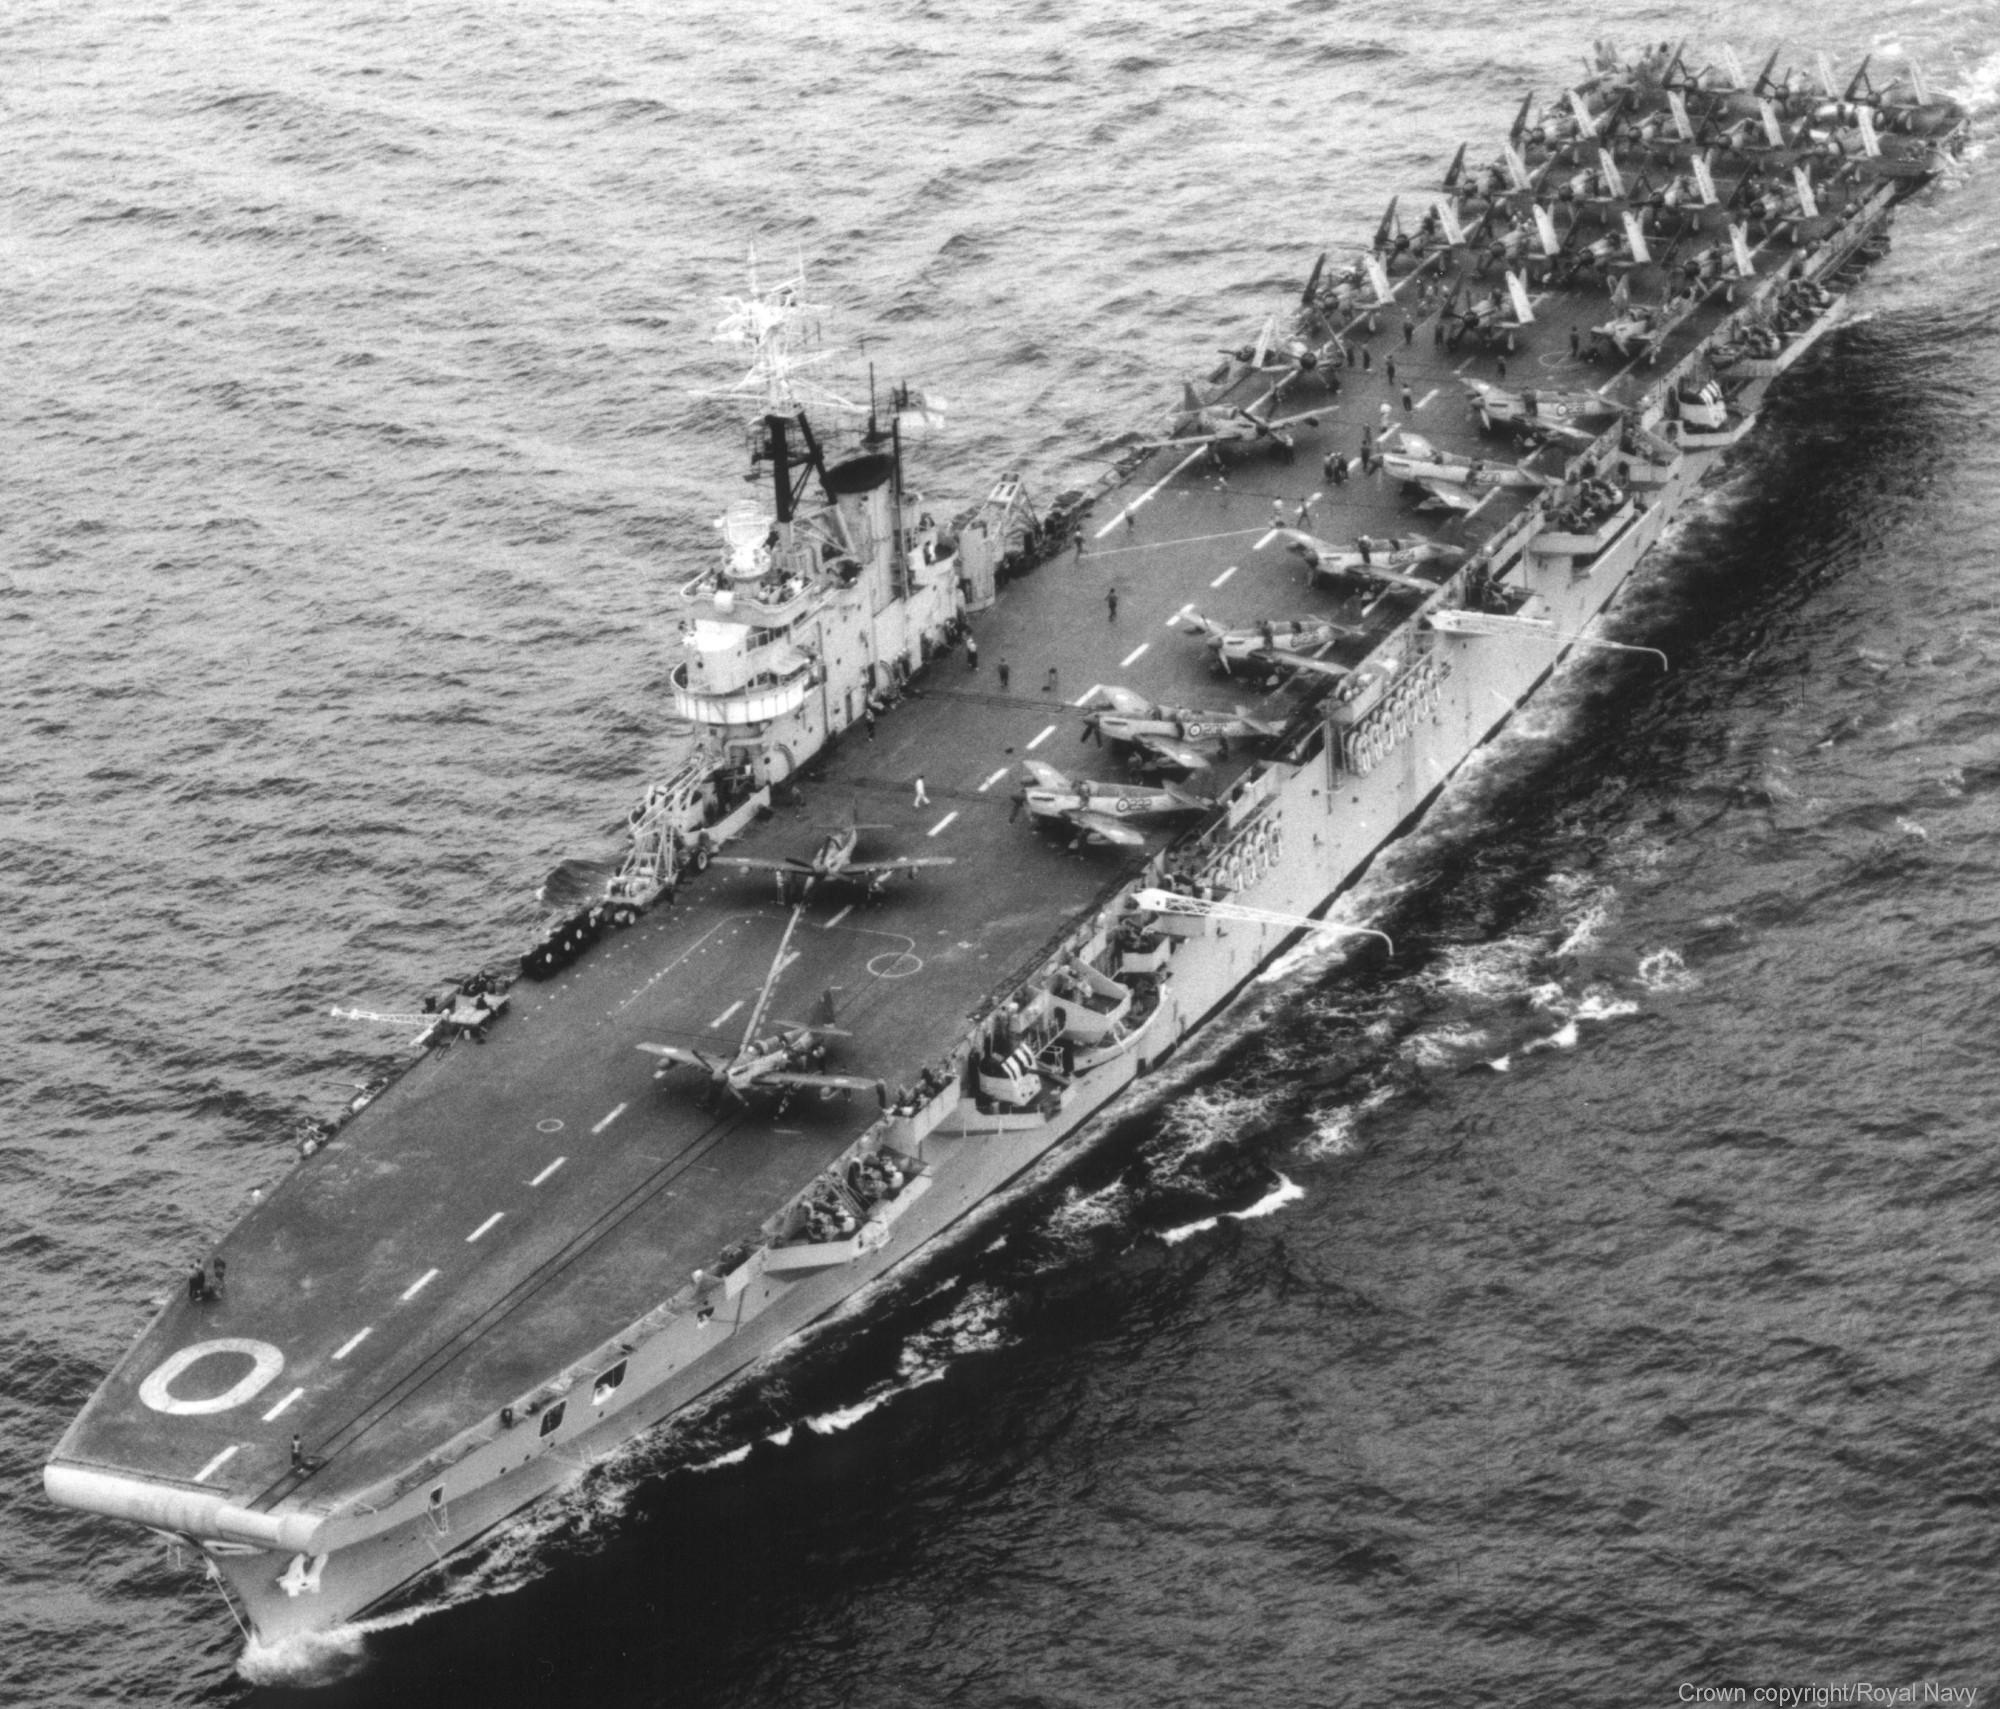 La foto diaria - Página 10 R68-HMS-Ocean-03